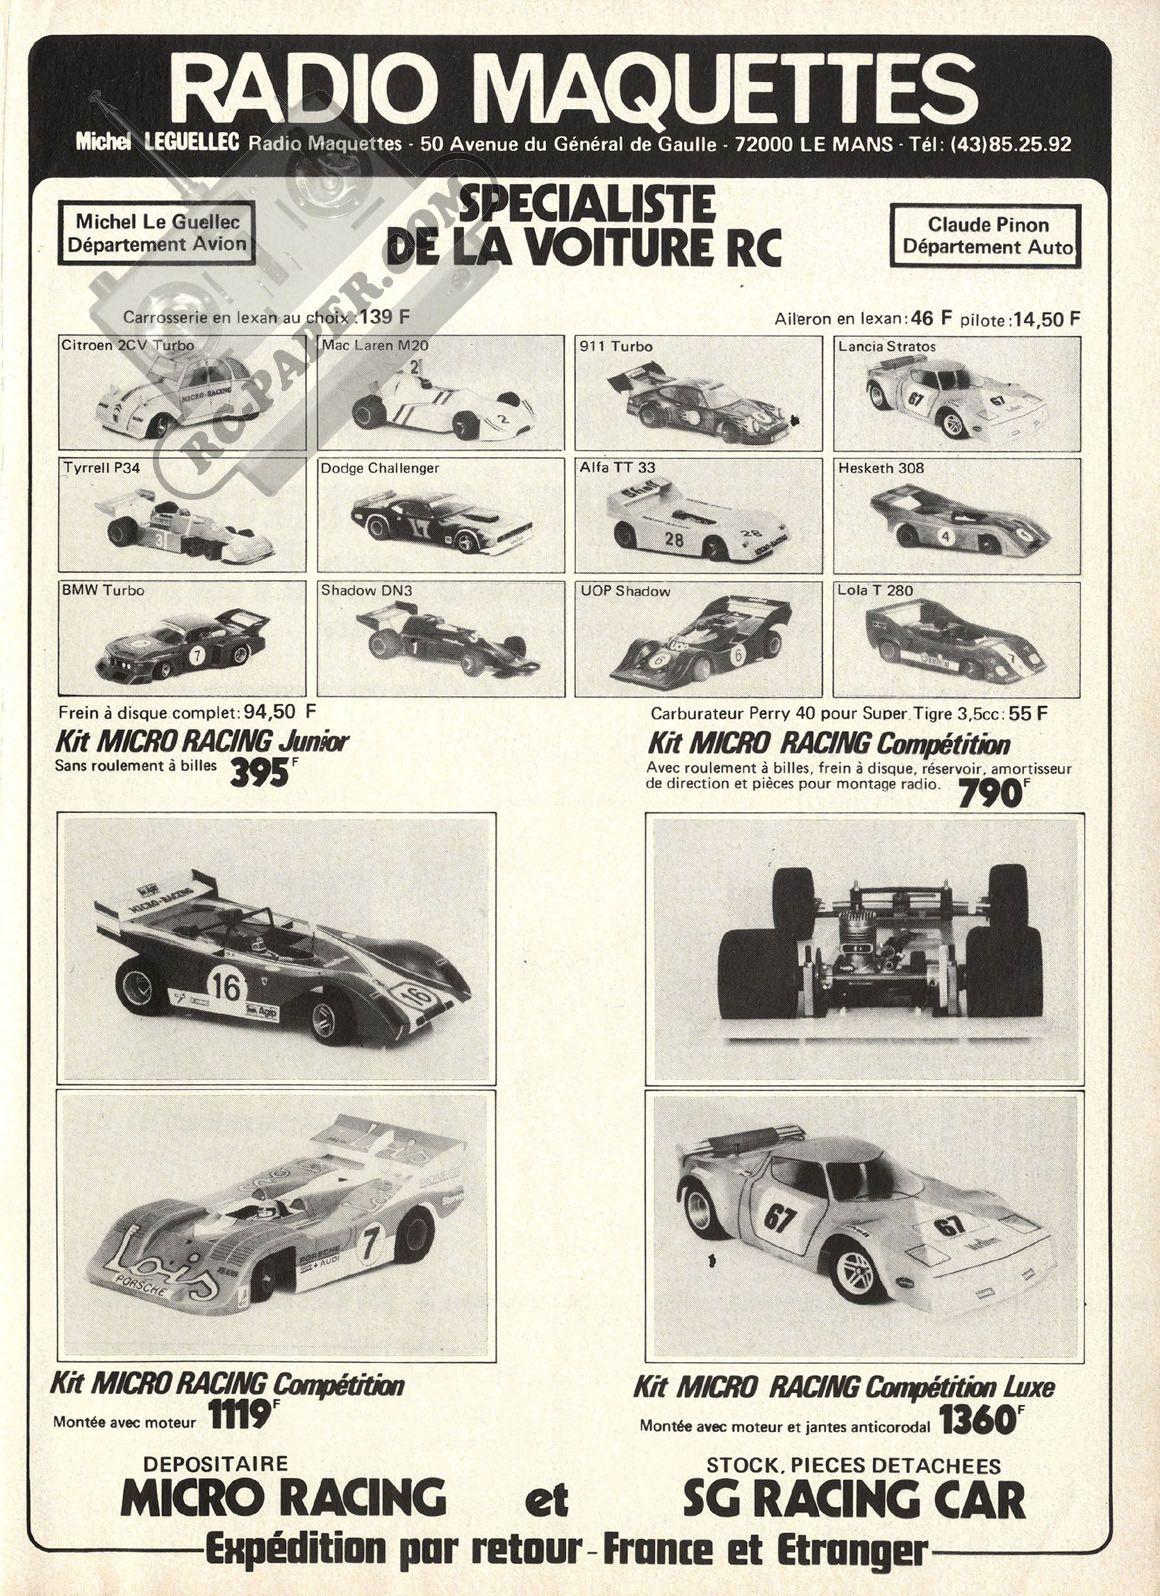 Modélisme Vintage Rc Racing Autres Micro 139 RcJouets hdsQCtr